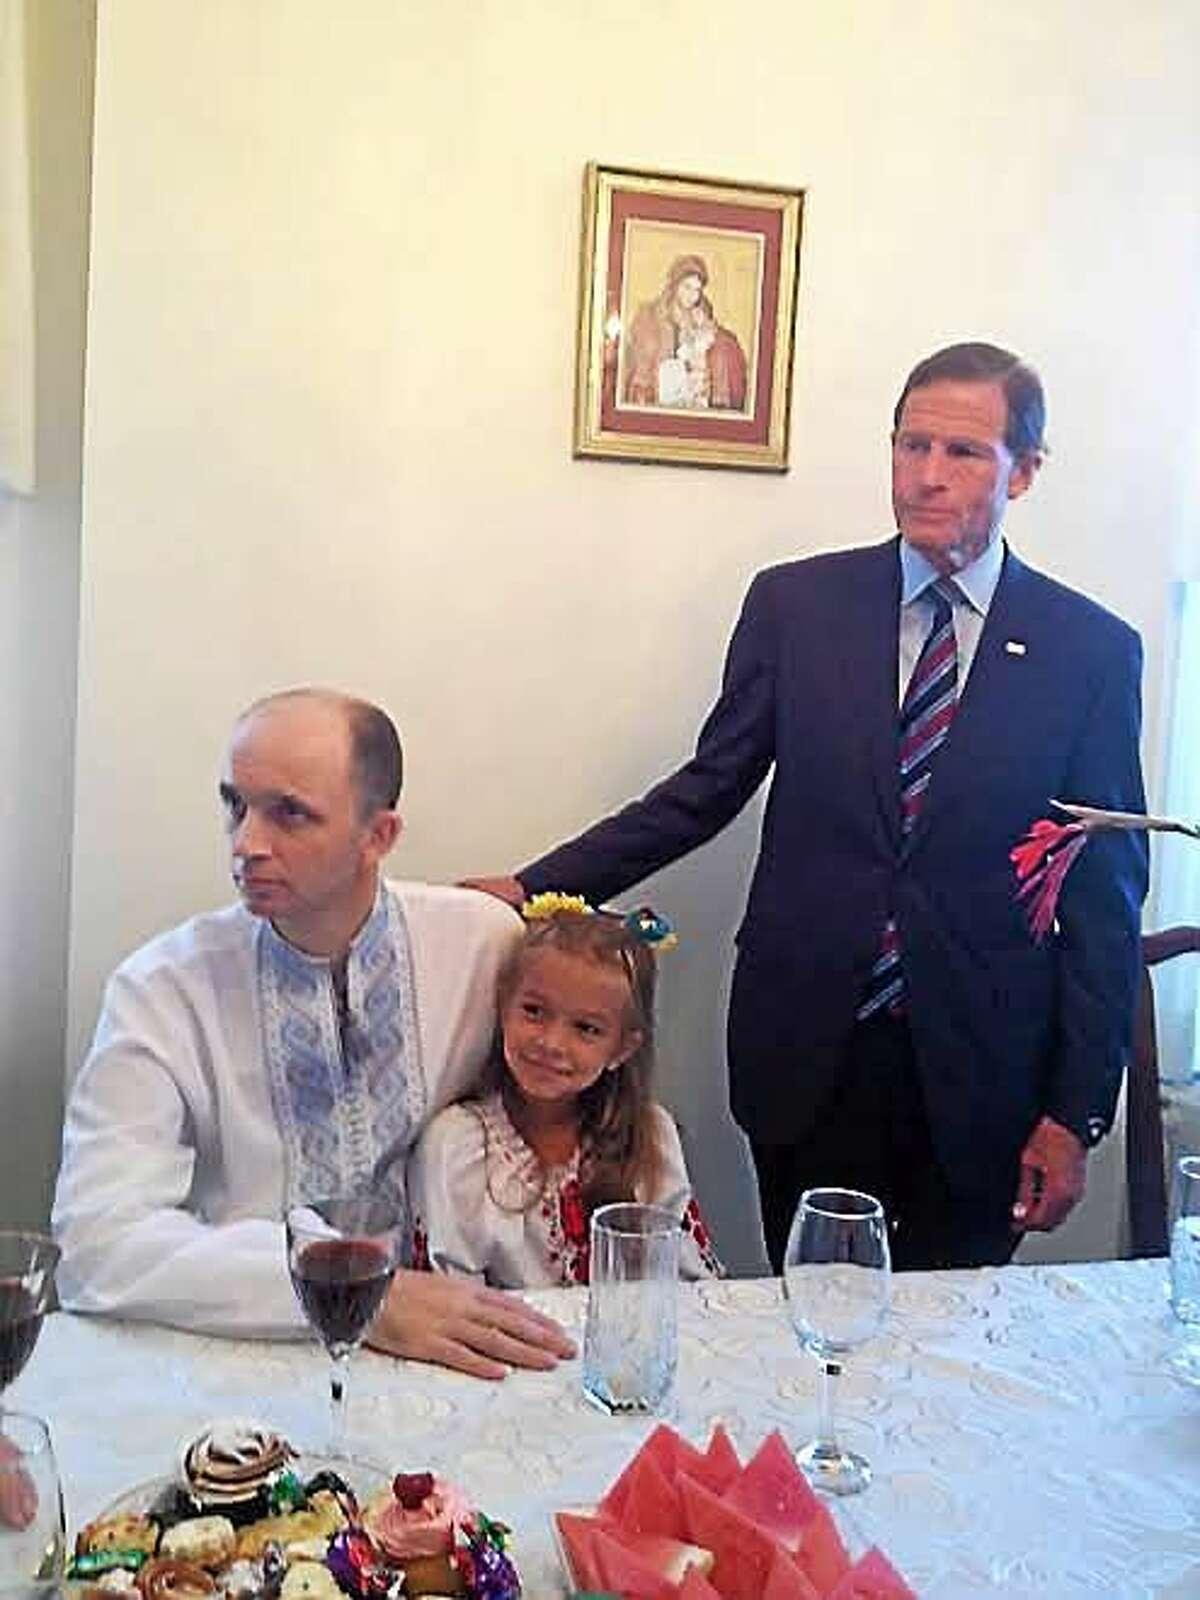 Anastasia Lutsiuk, 7, sits on her dad, Roman Lutsiuk's lap. U.S. Sen. Richard Blumenthal is at right.